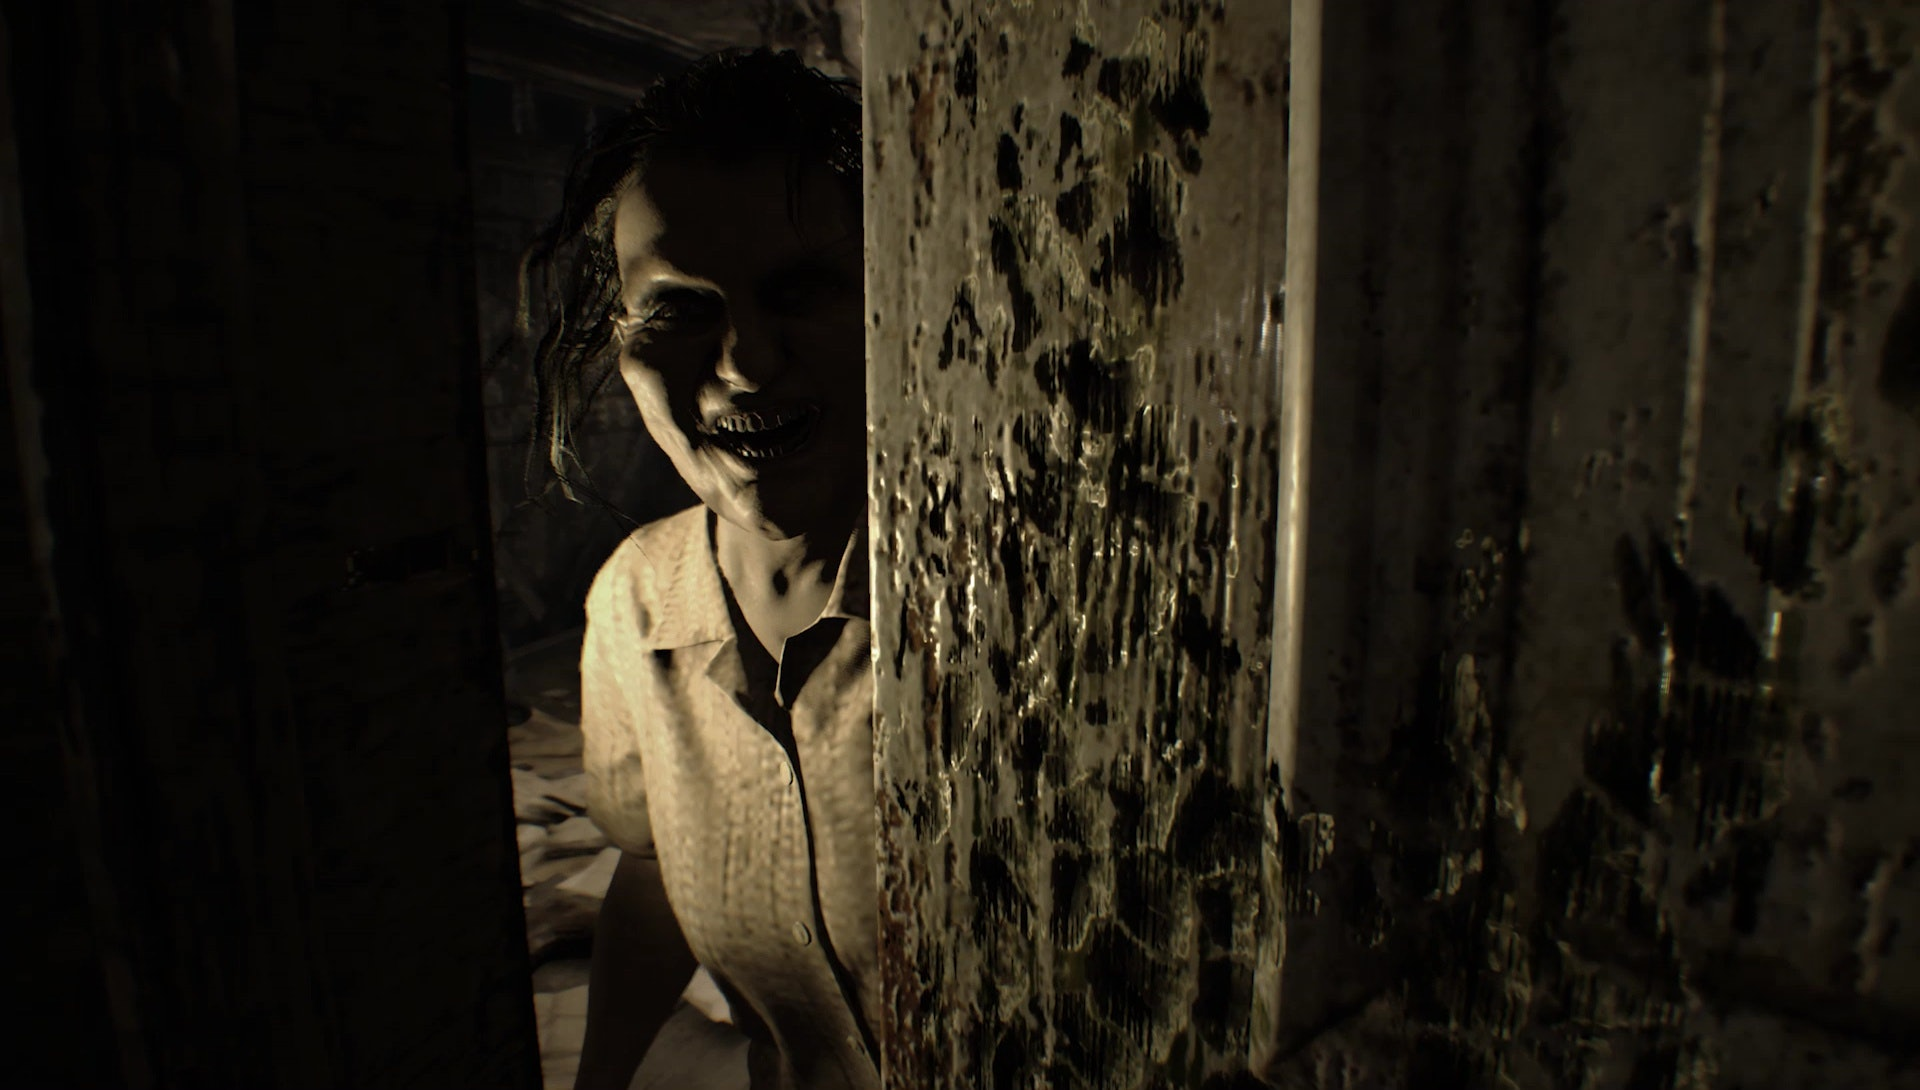 molded resident evil 7 wallpaper